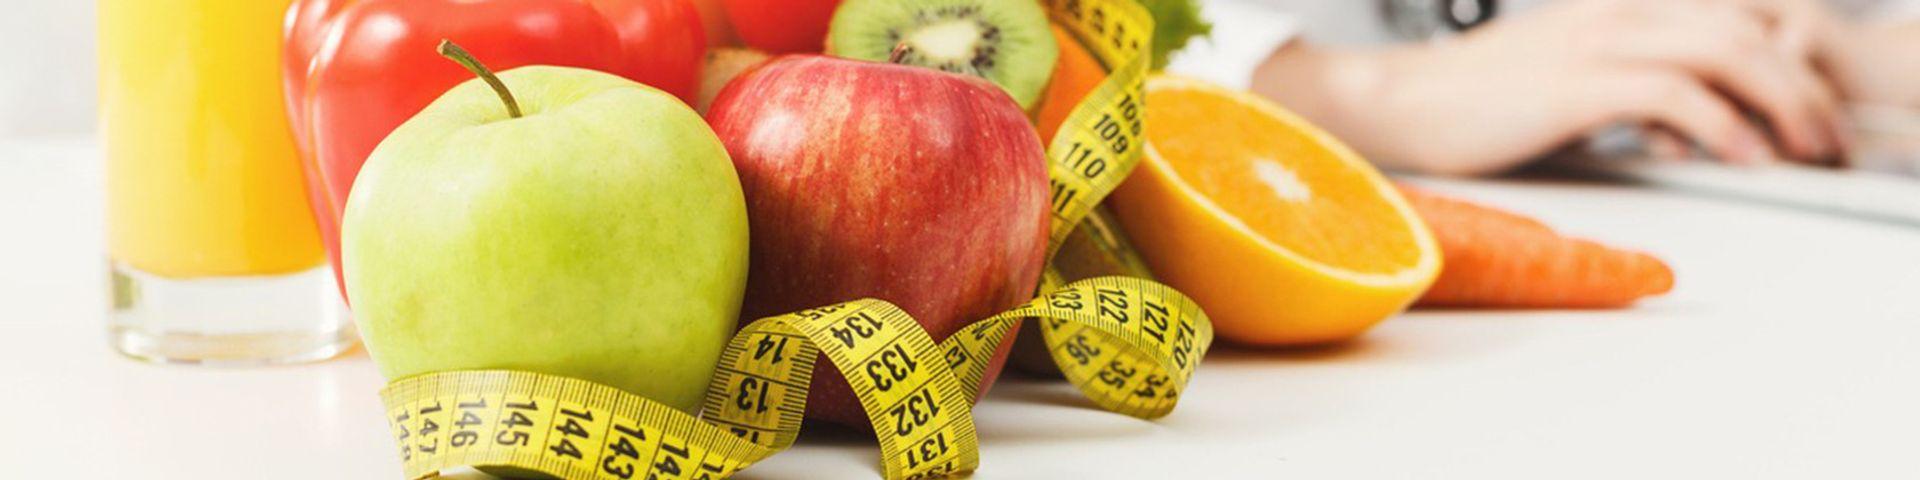 Nutrición, dietética y salud